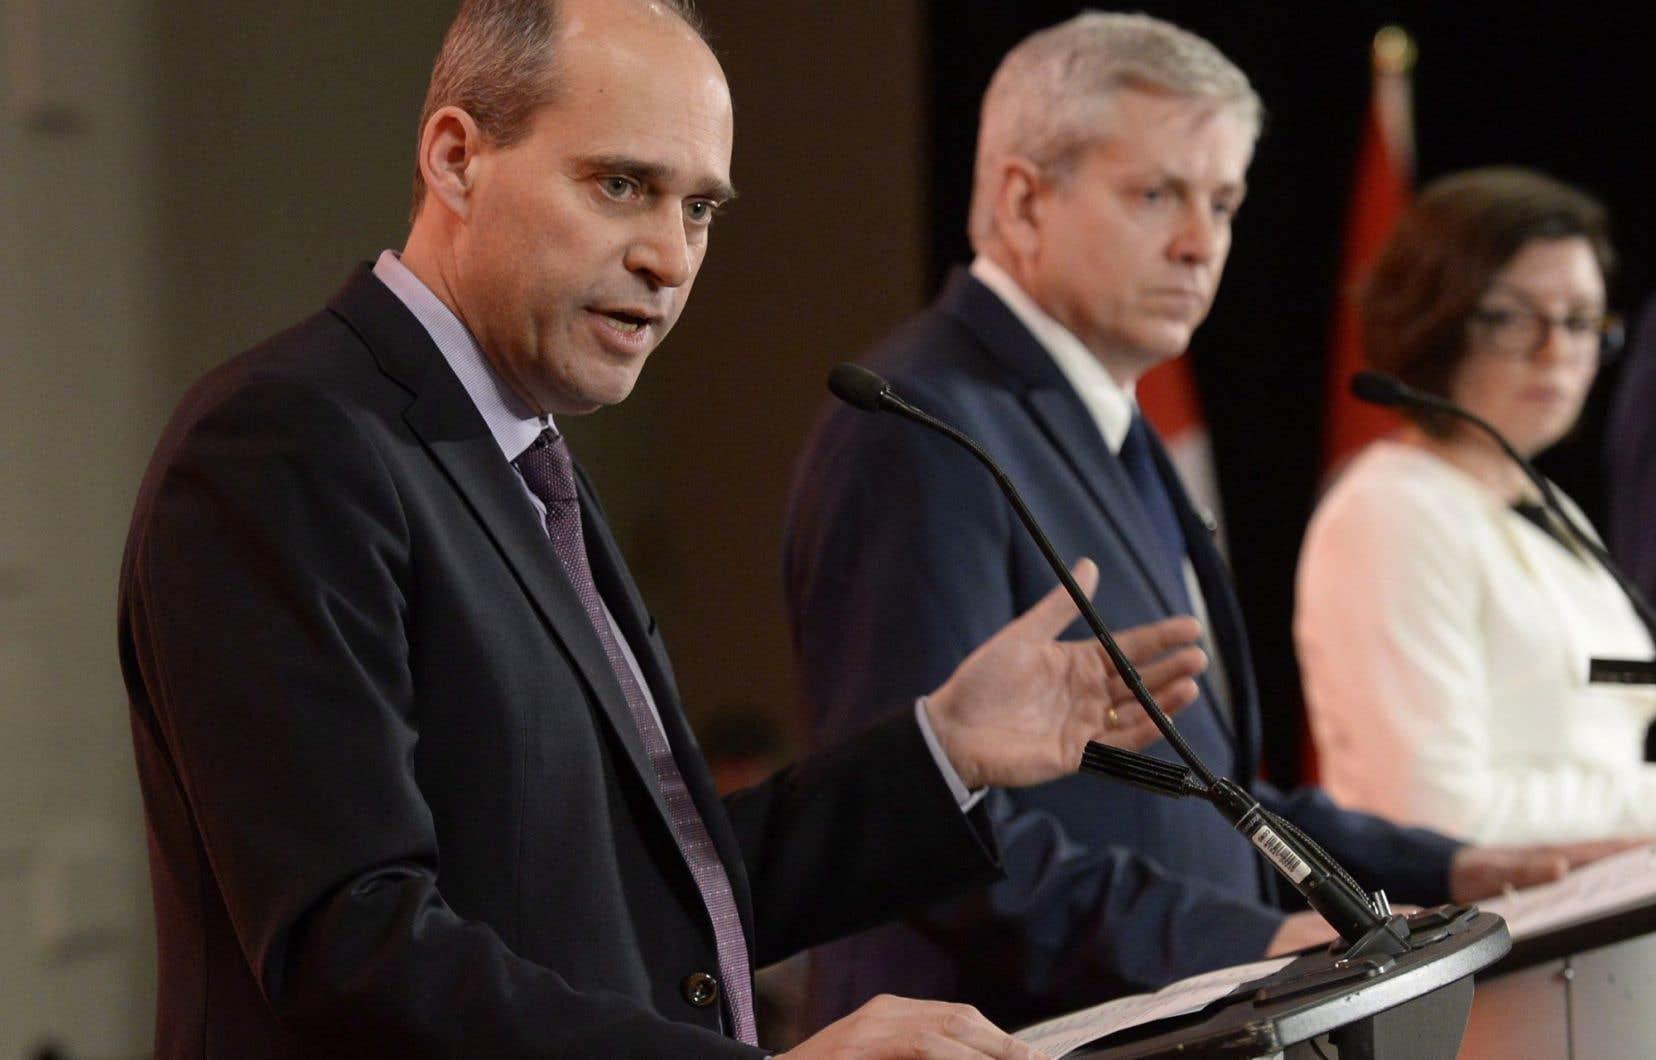 Les candidats Guy Caron, Charlie Angus et Niki Ashton lors du premier débat de la course à la chefferie du NPD, le 12 mars 2017 à Ottawa